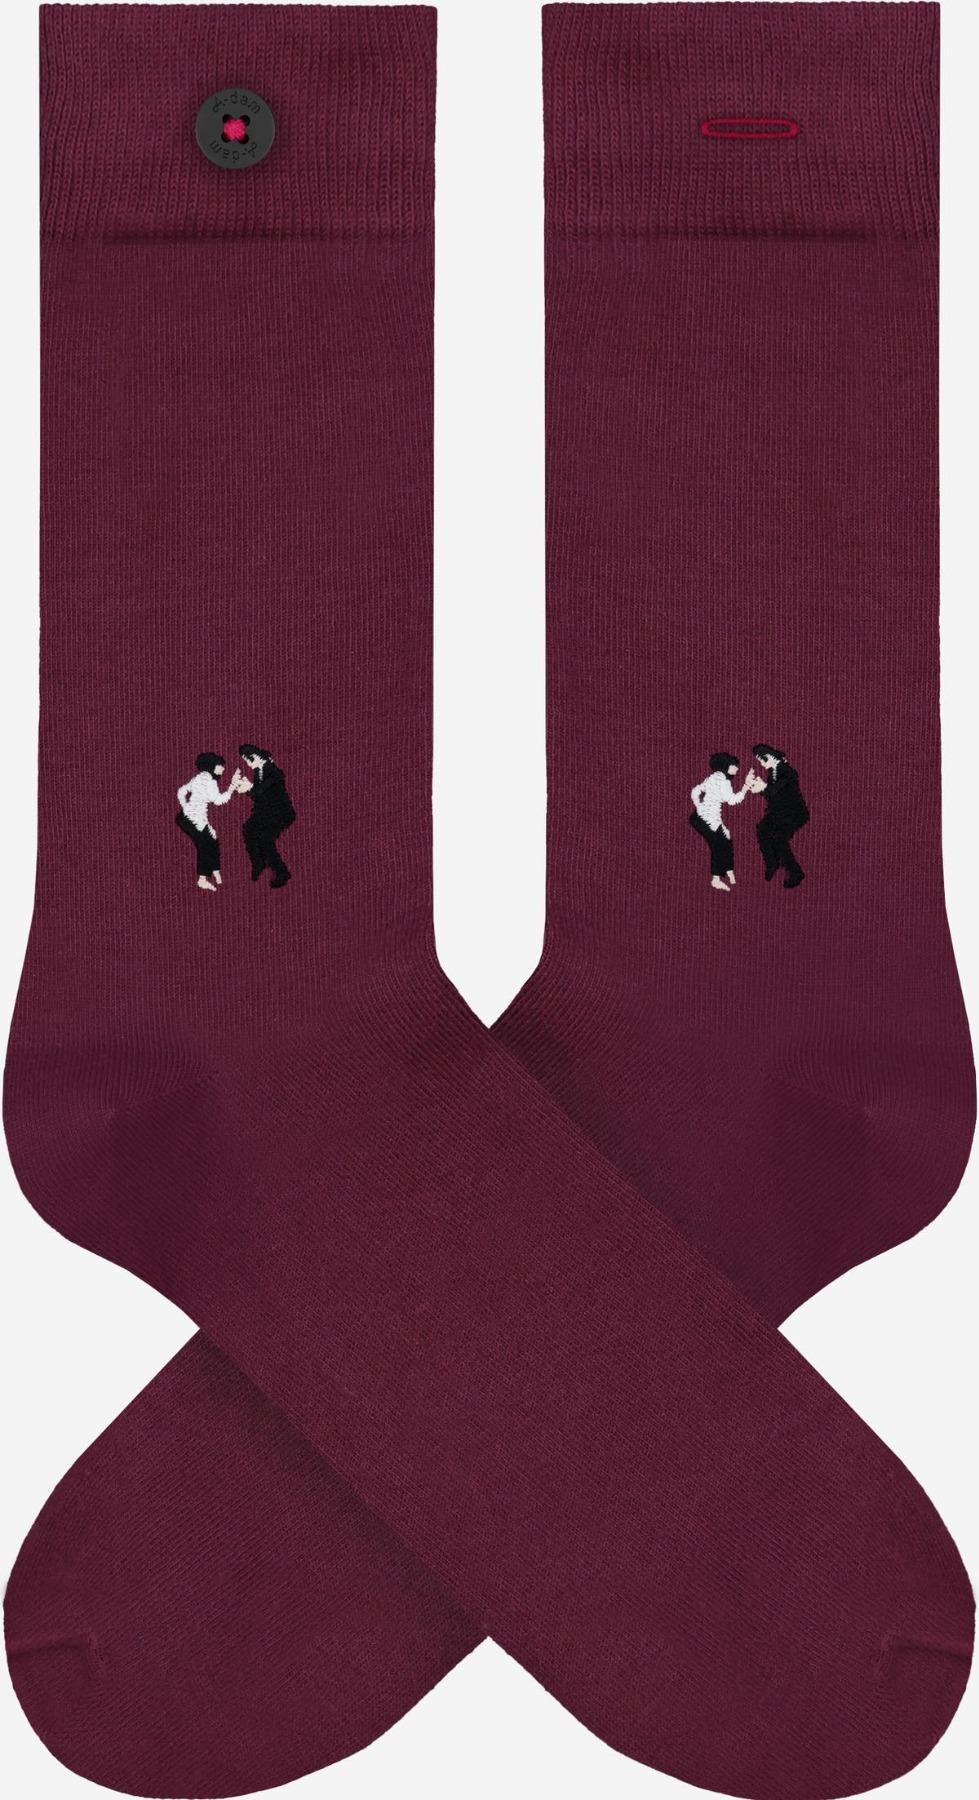 A-dam - Socken WALLY - Bordeaux